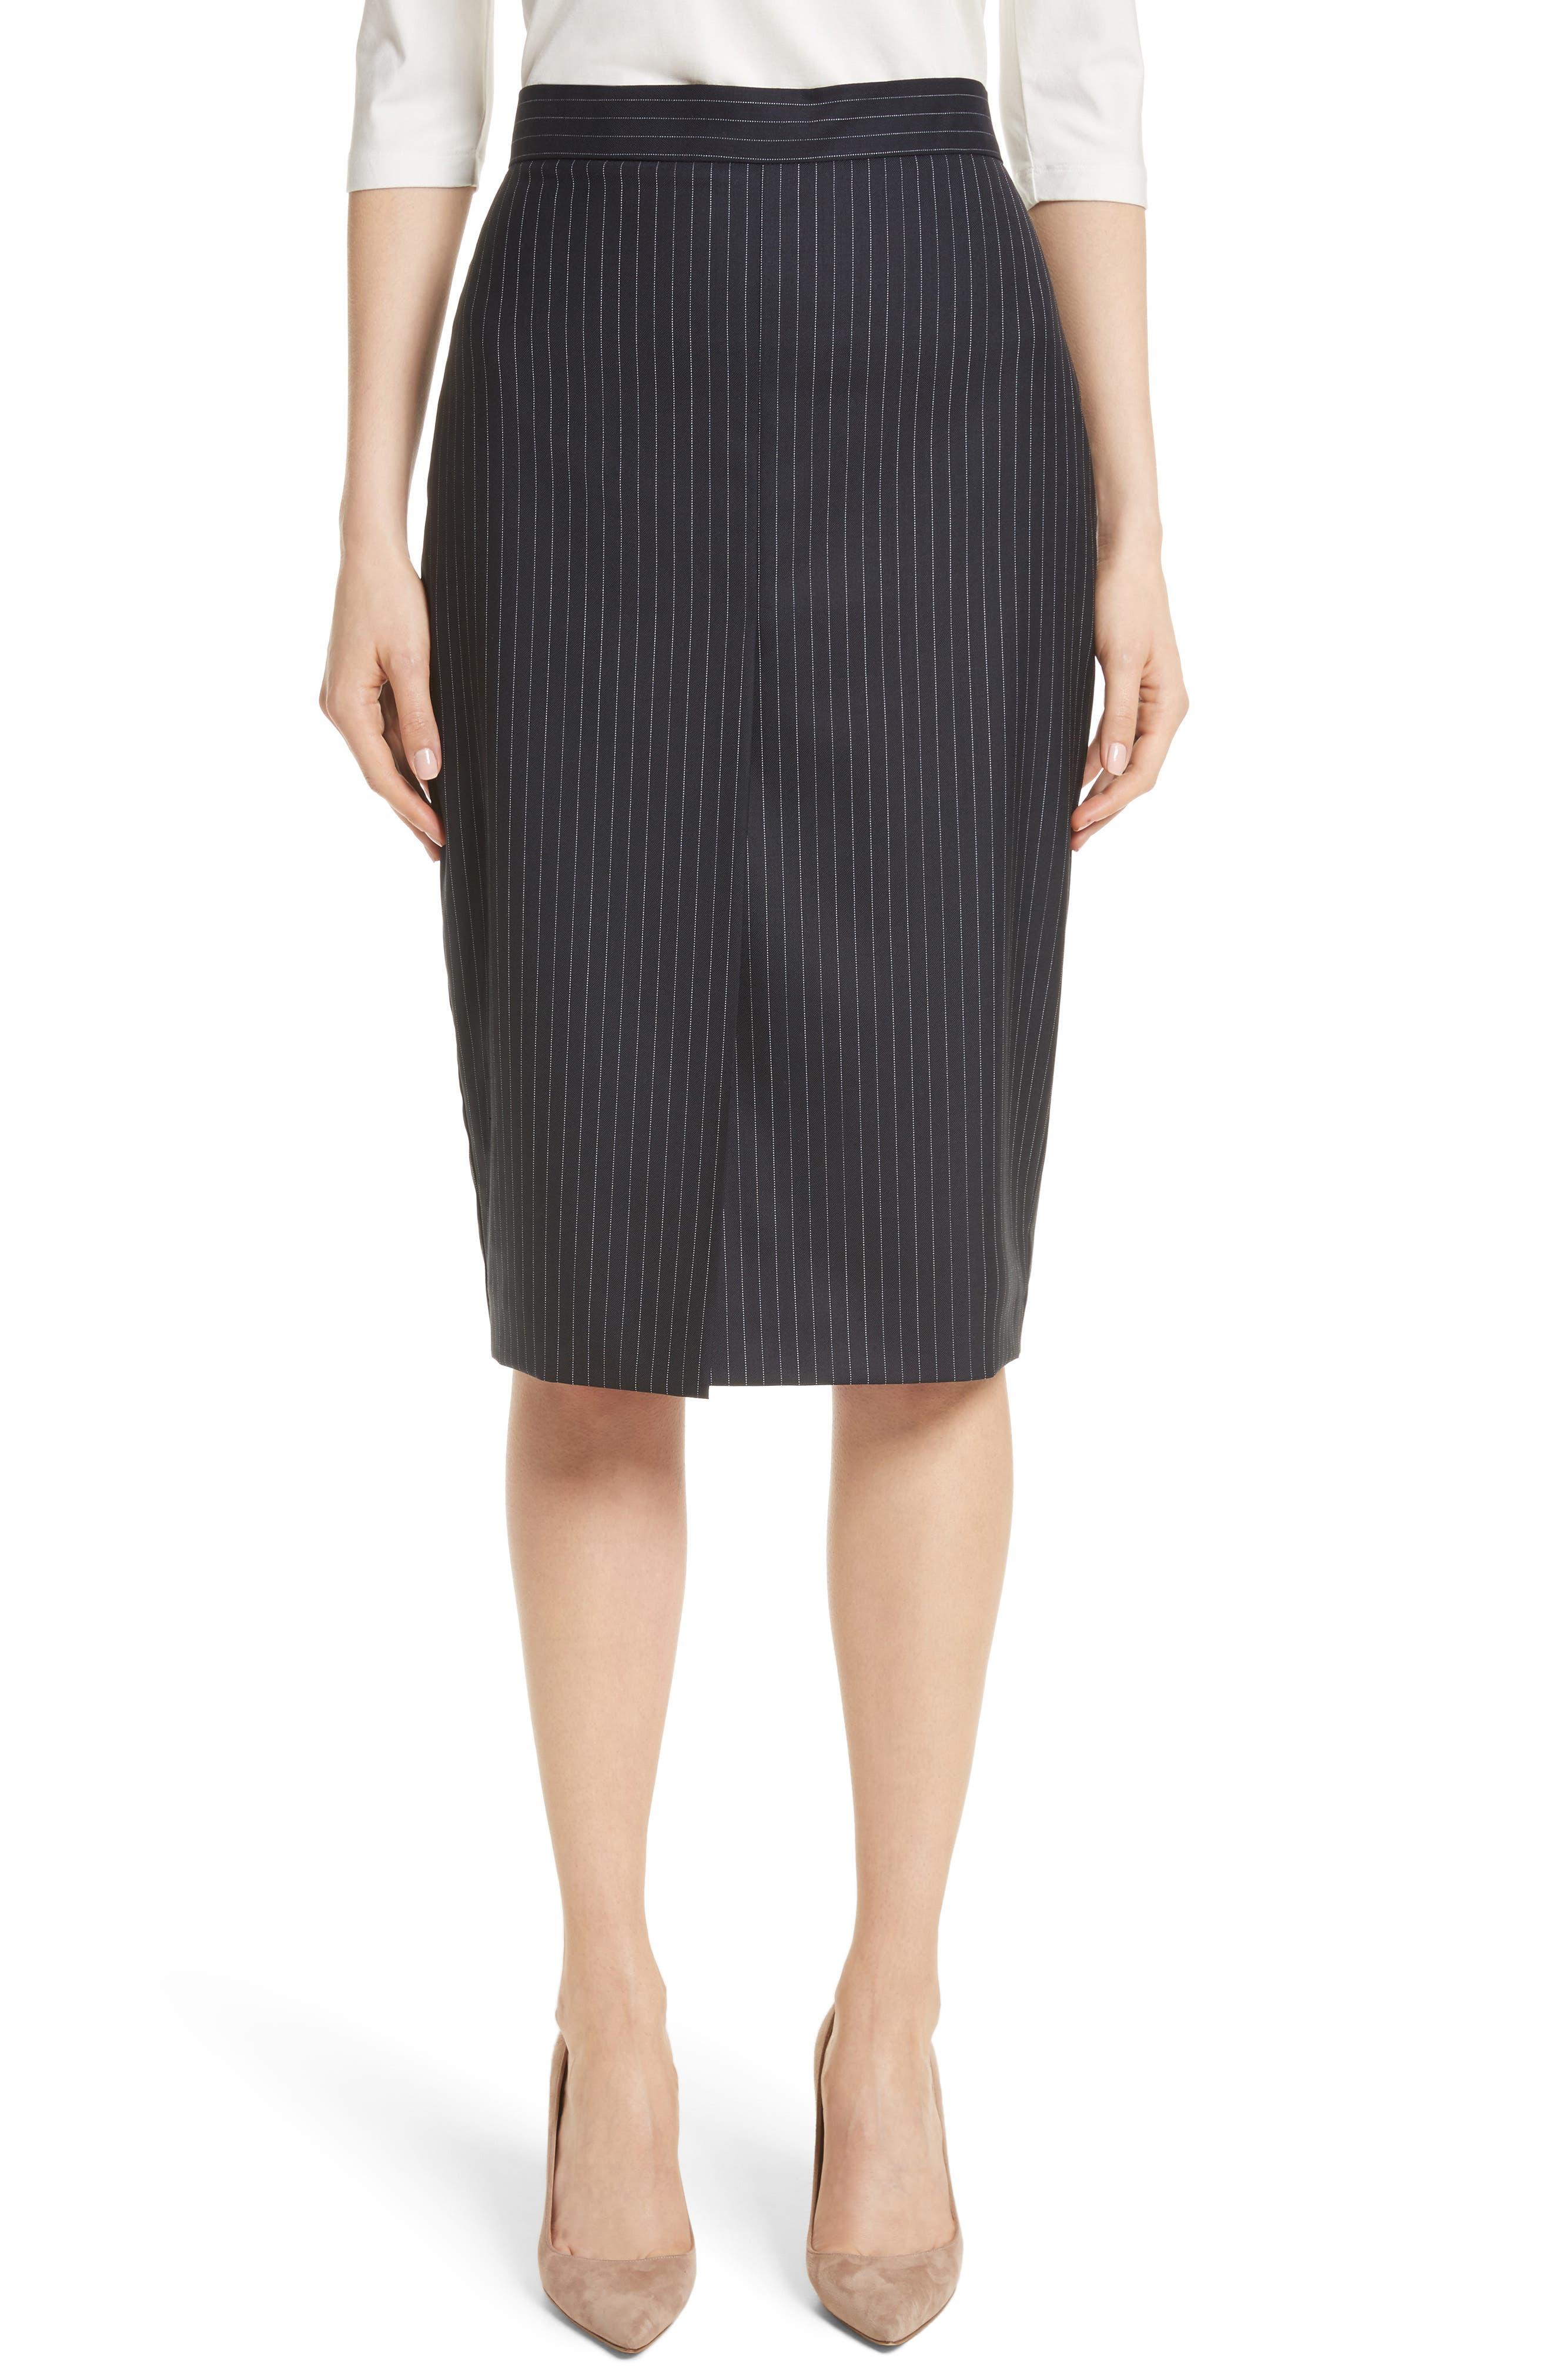 Max Mara Abba Pinstripe Pencil Skirt